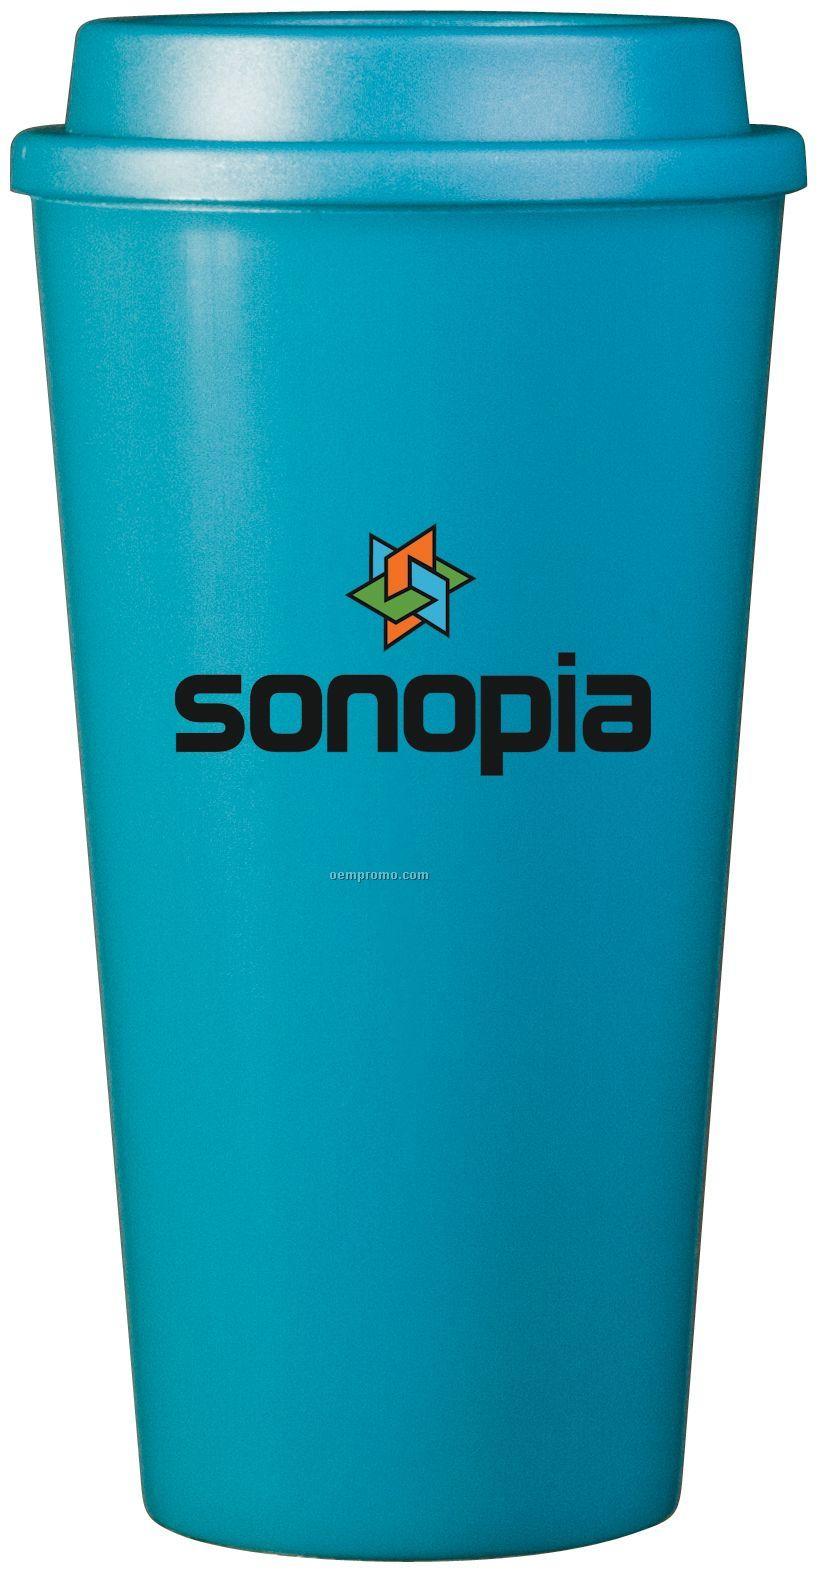 16 Oz. Aqua Plastic Cup2go Cup